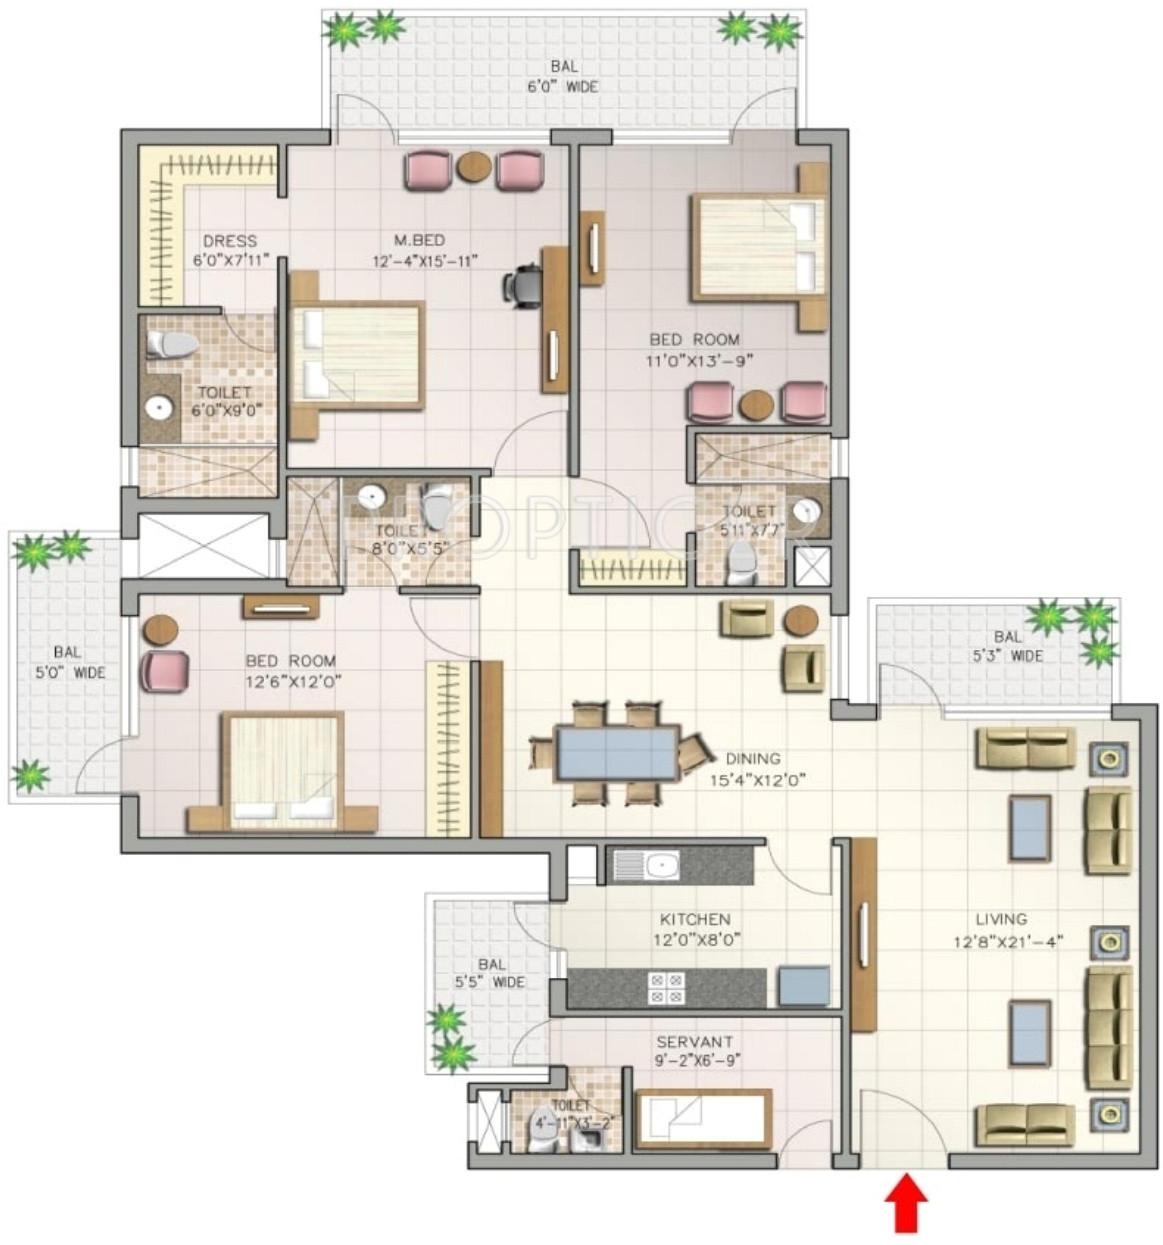 3bhk 4t 2300 sqft apartment